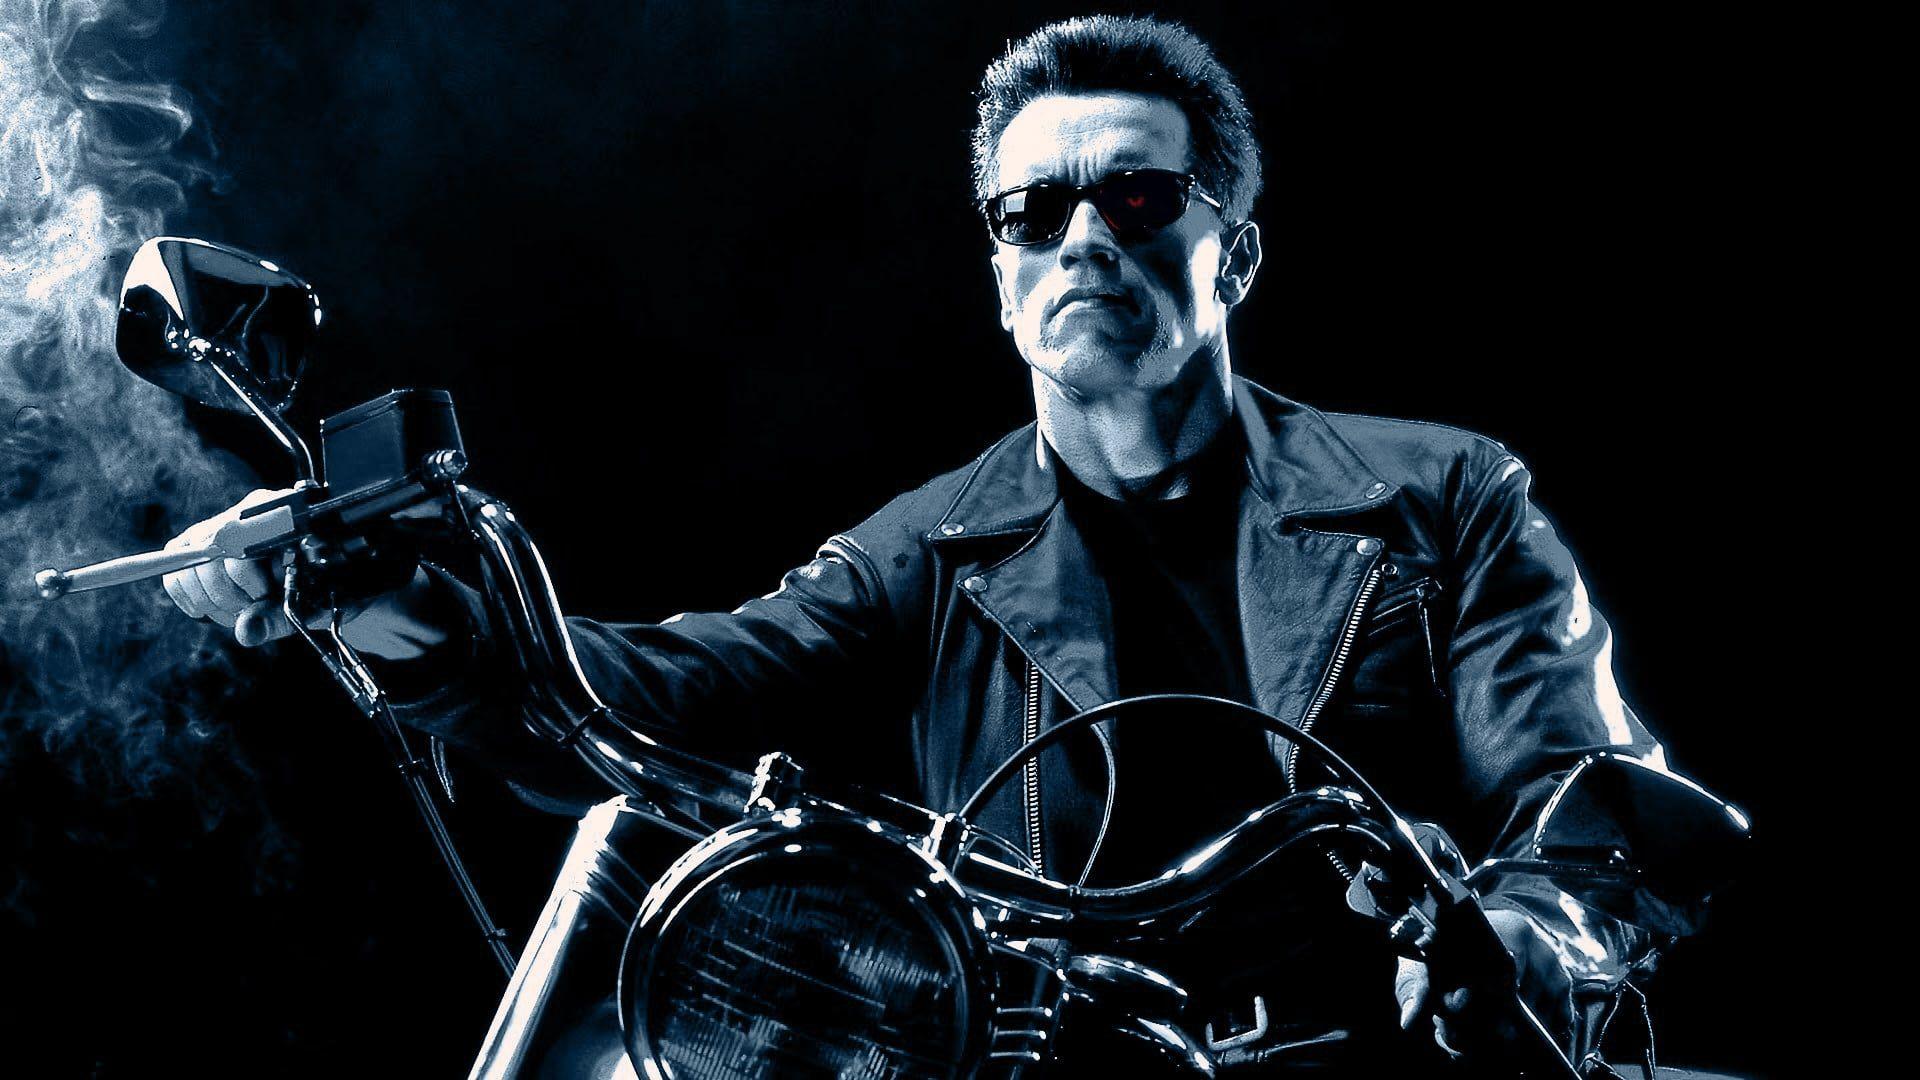 Sehen Terminator 2 Tag Der Abrechnung 1991 Ganzer Film Stream Deutsch Komplett Online Termi Movies To Watch Online Full Movies Online Free Full Movies Online